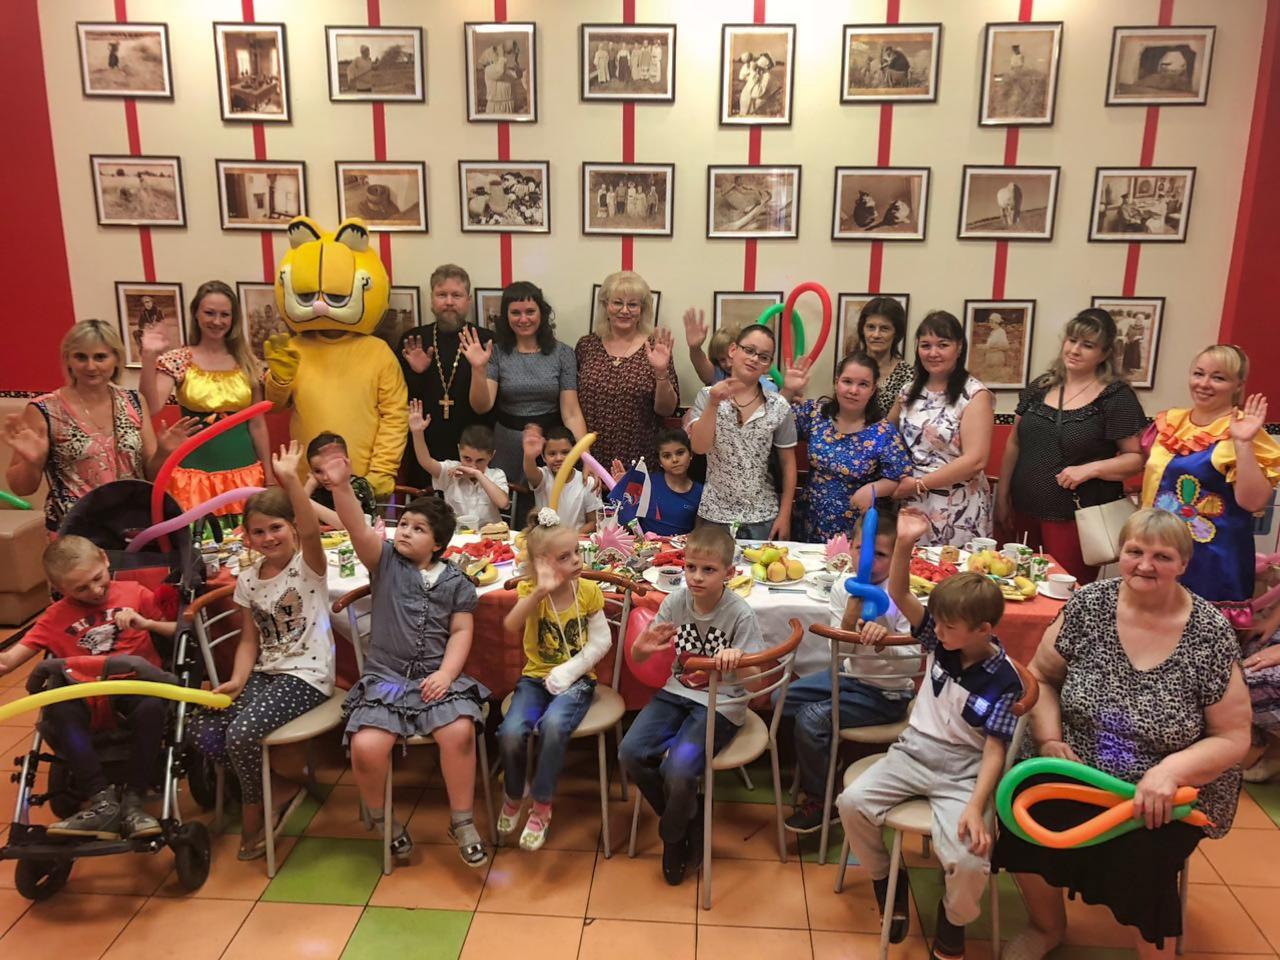 Провели праздник для детей-инвалидов в кафе Геоцентик